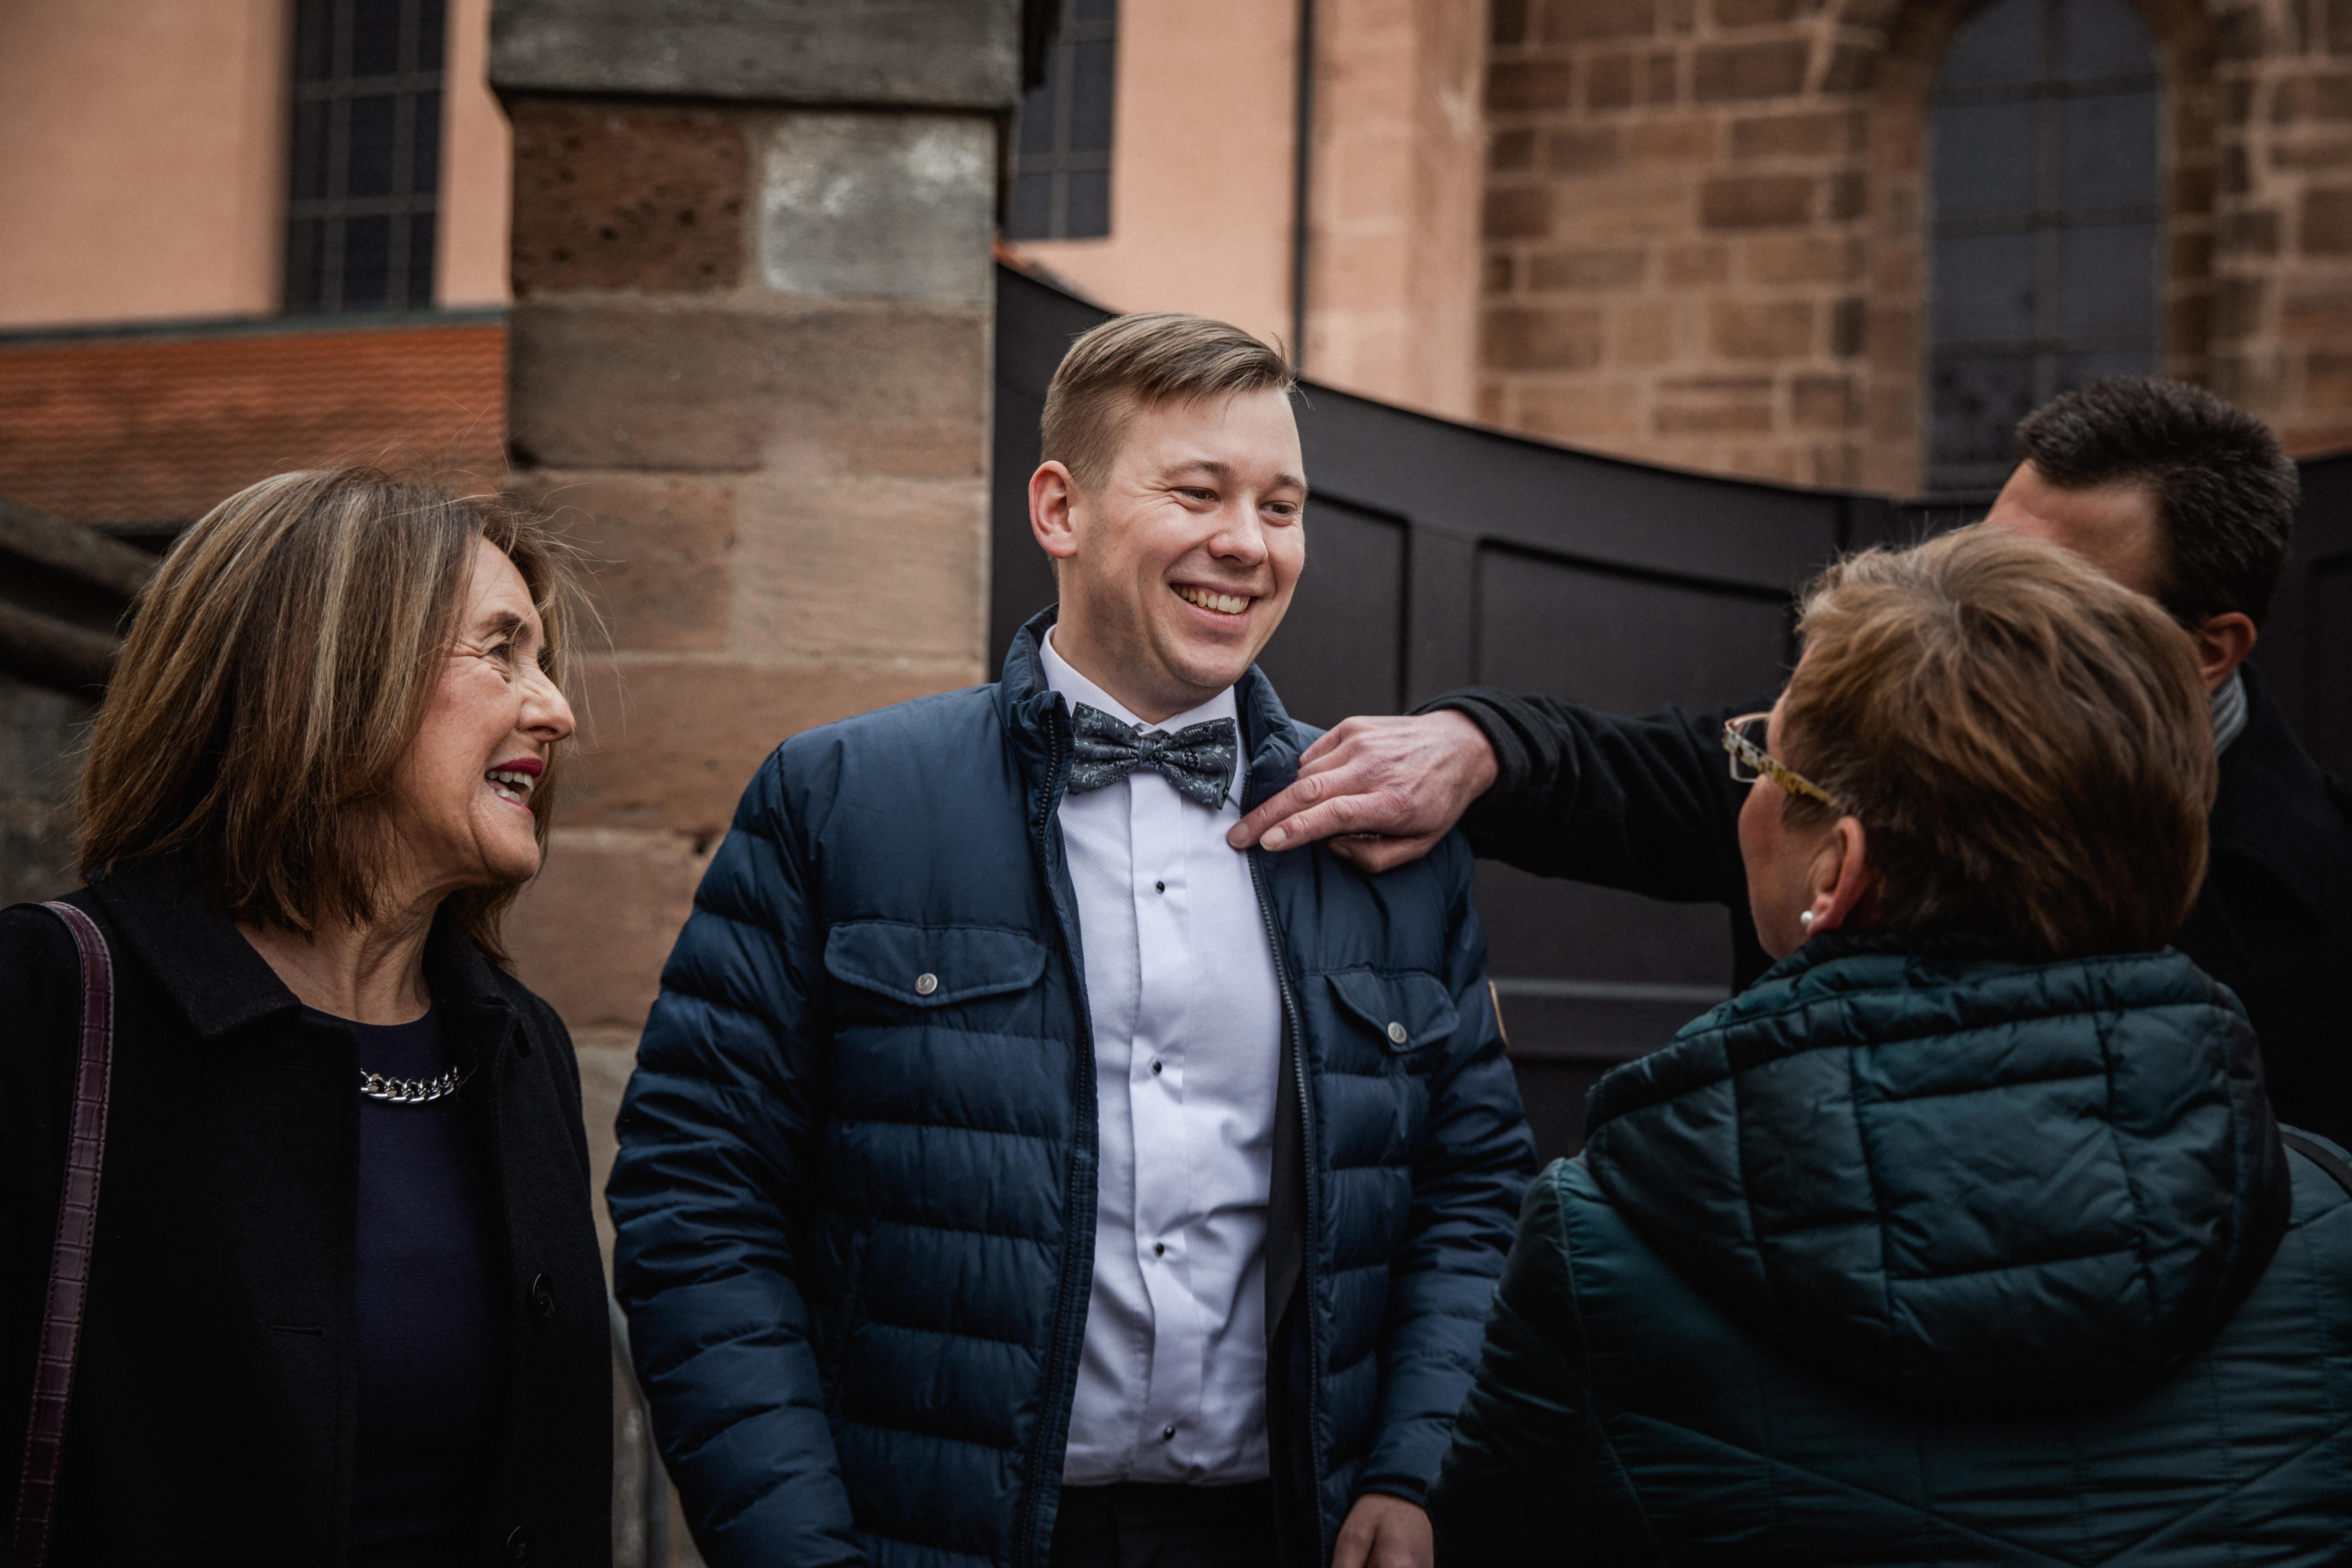 Hochzeitsfotograf-Grossgruendlach-Standesamt-Hallerschloss-Urbanerie-Stazija-und-Michael-004